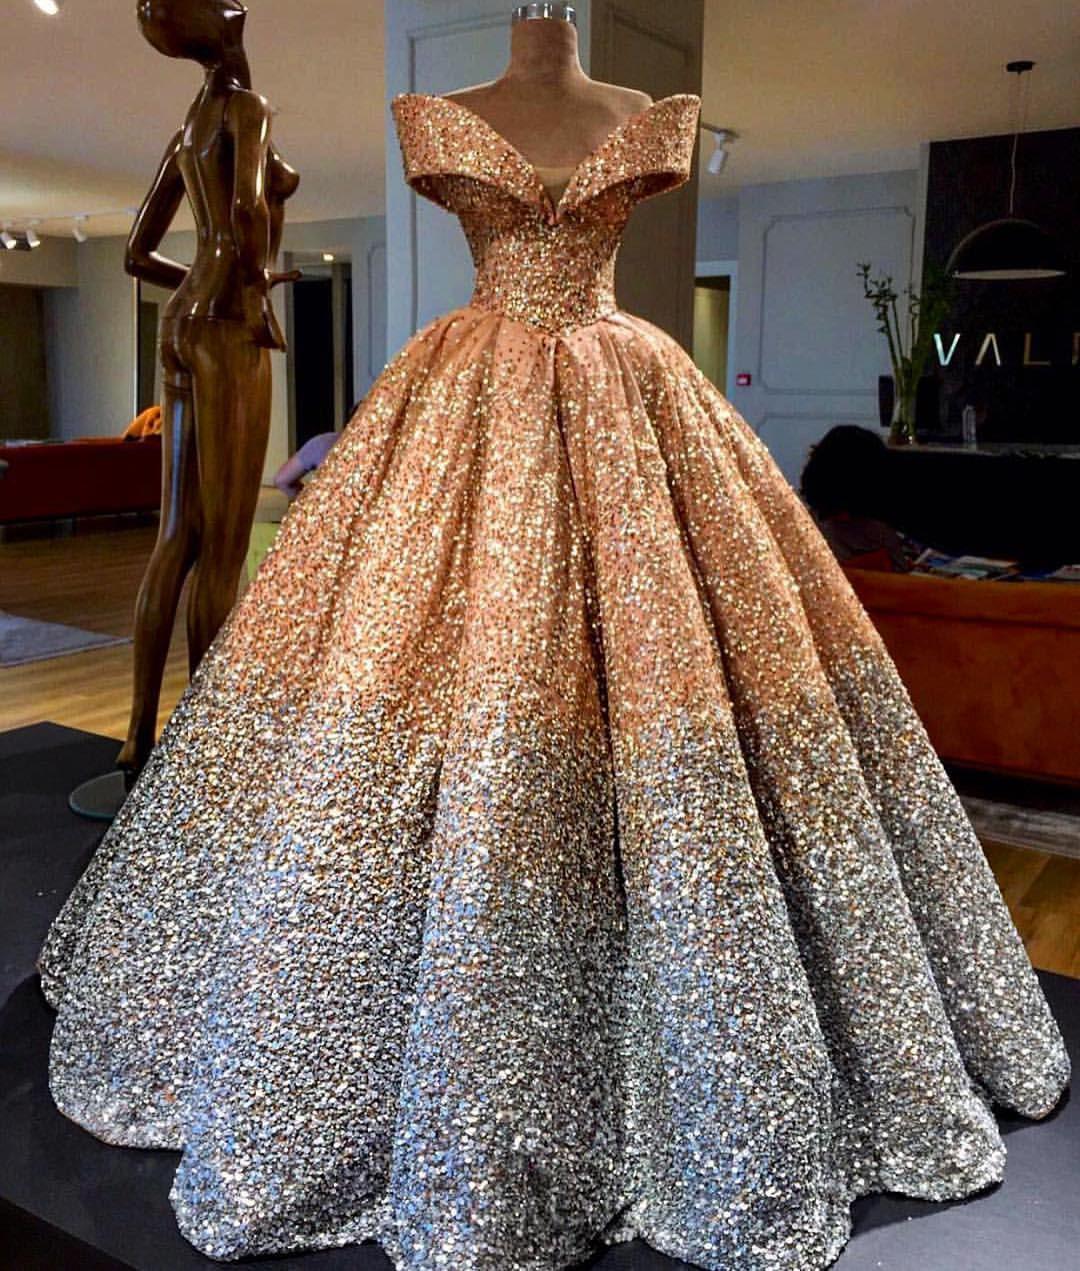 15 Ausgezeichnet Abendkleider Türkei Bester Preis13 Elegant Abendkleider Türkei Ärmel